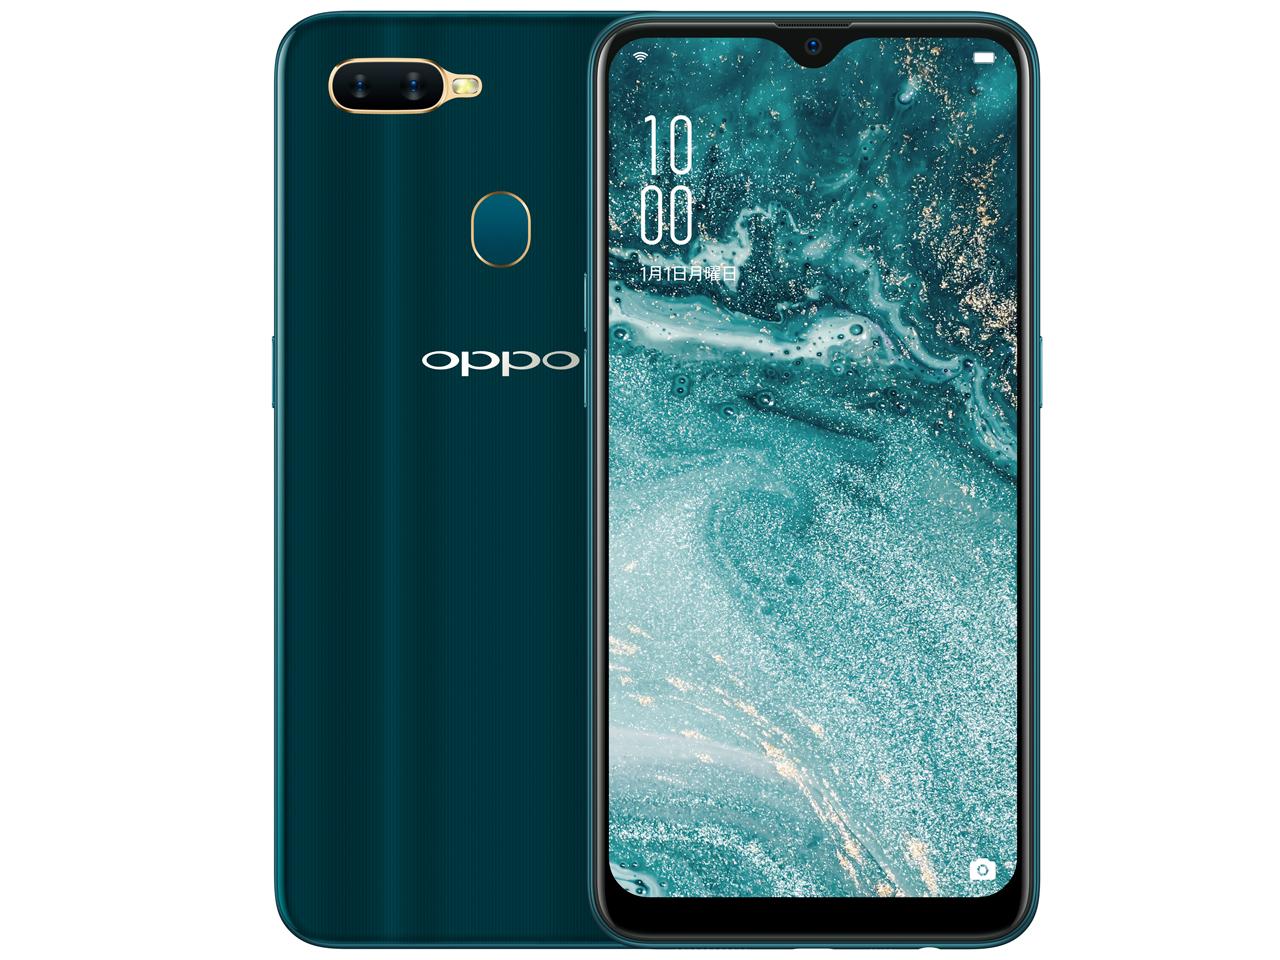 OPPO AX7 SIMフリー [ブルー] の製品画像